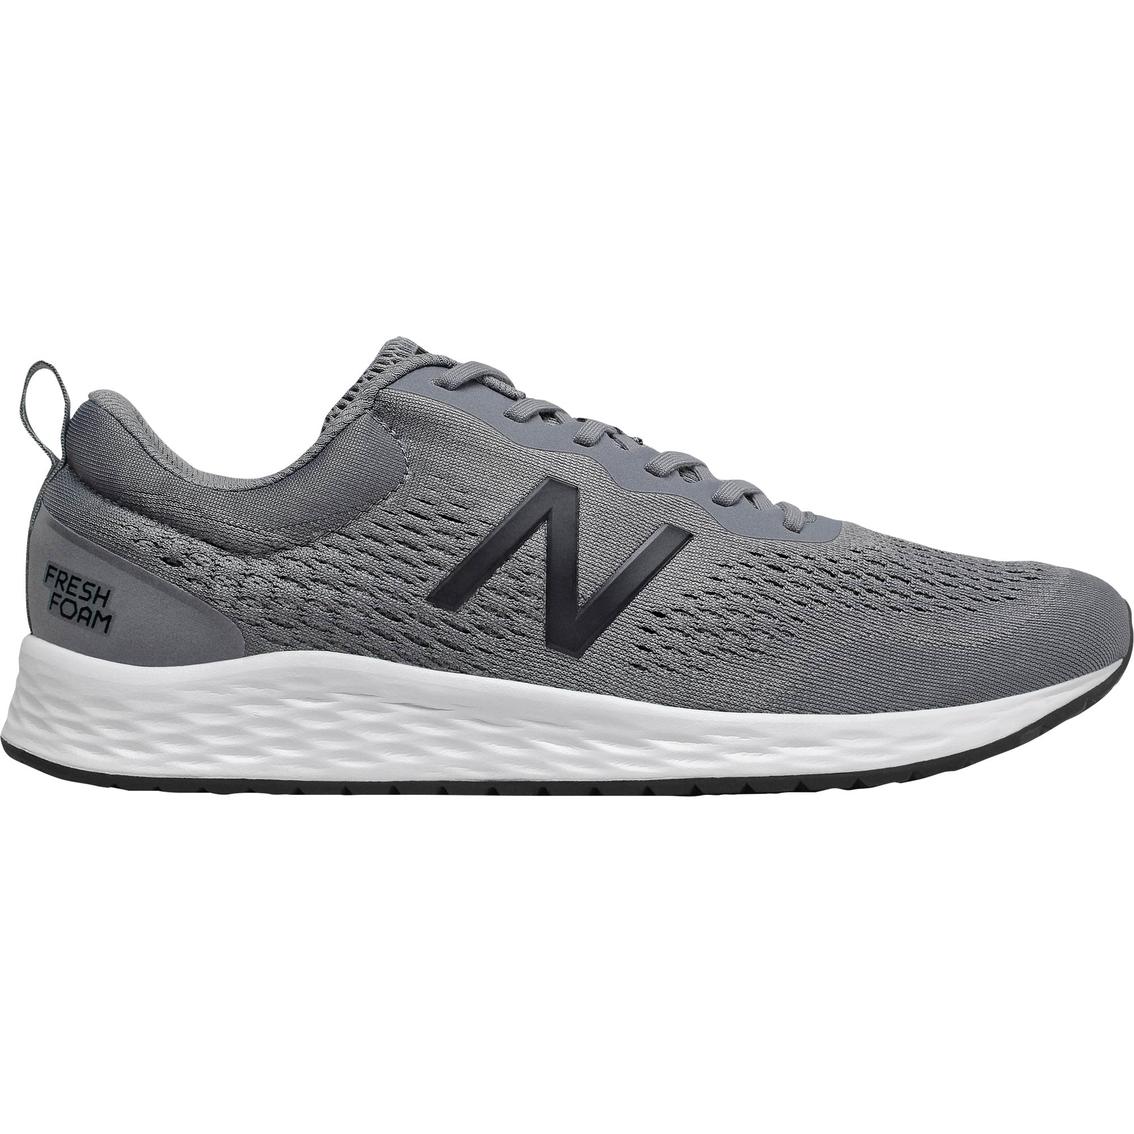 new balance mens running trainers